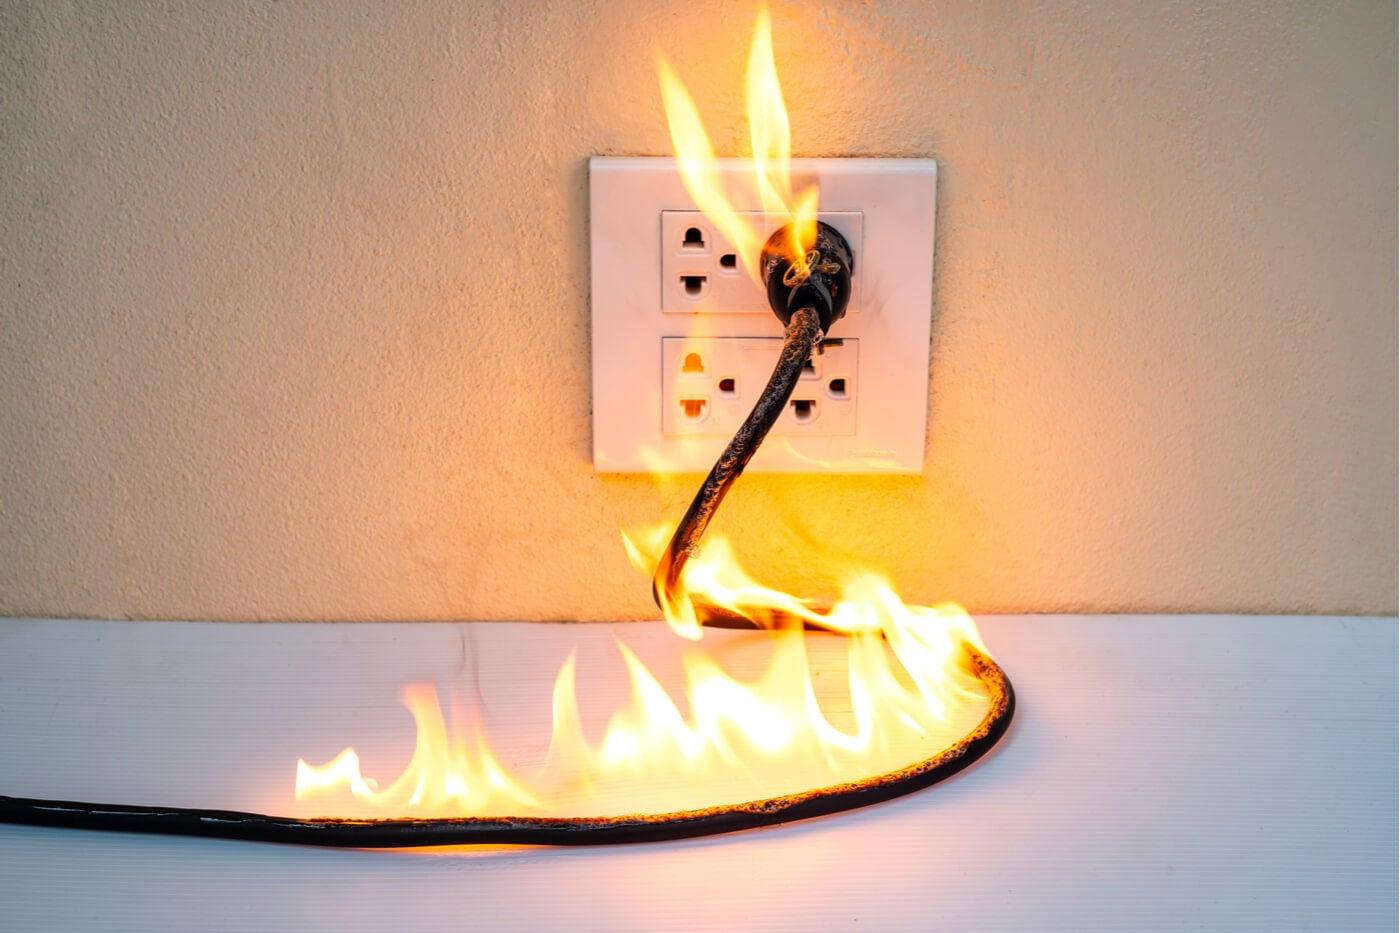 Accidente doméstico: fuego